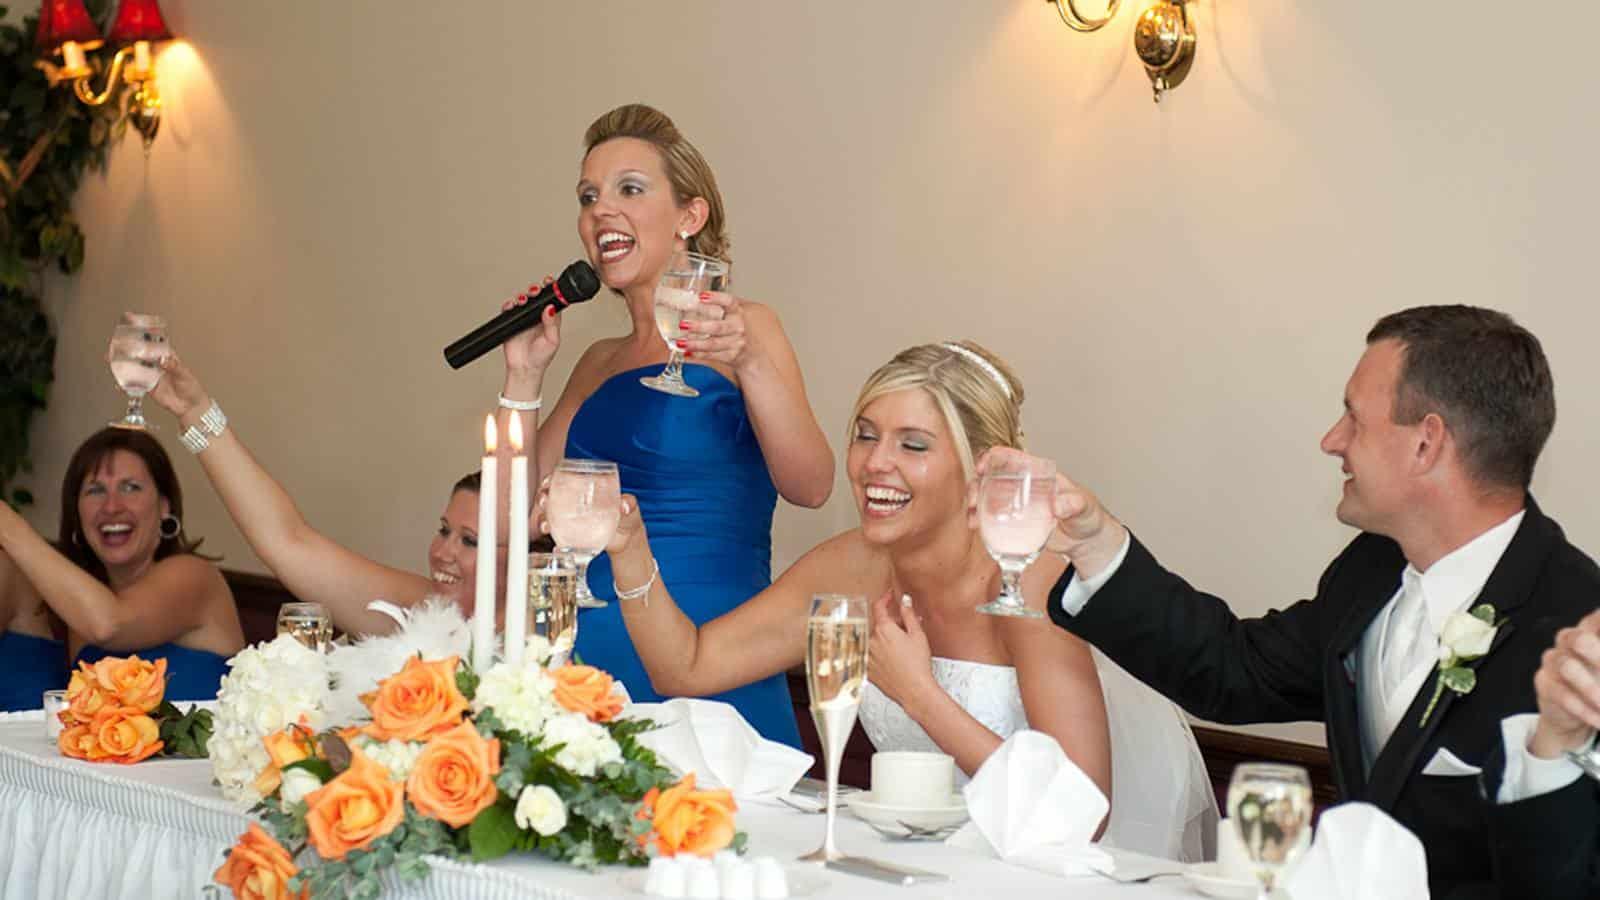 Conozca a Jen Glantz, la dama de honor profesional que gana hasta $2.000 por boda